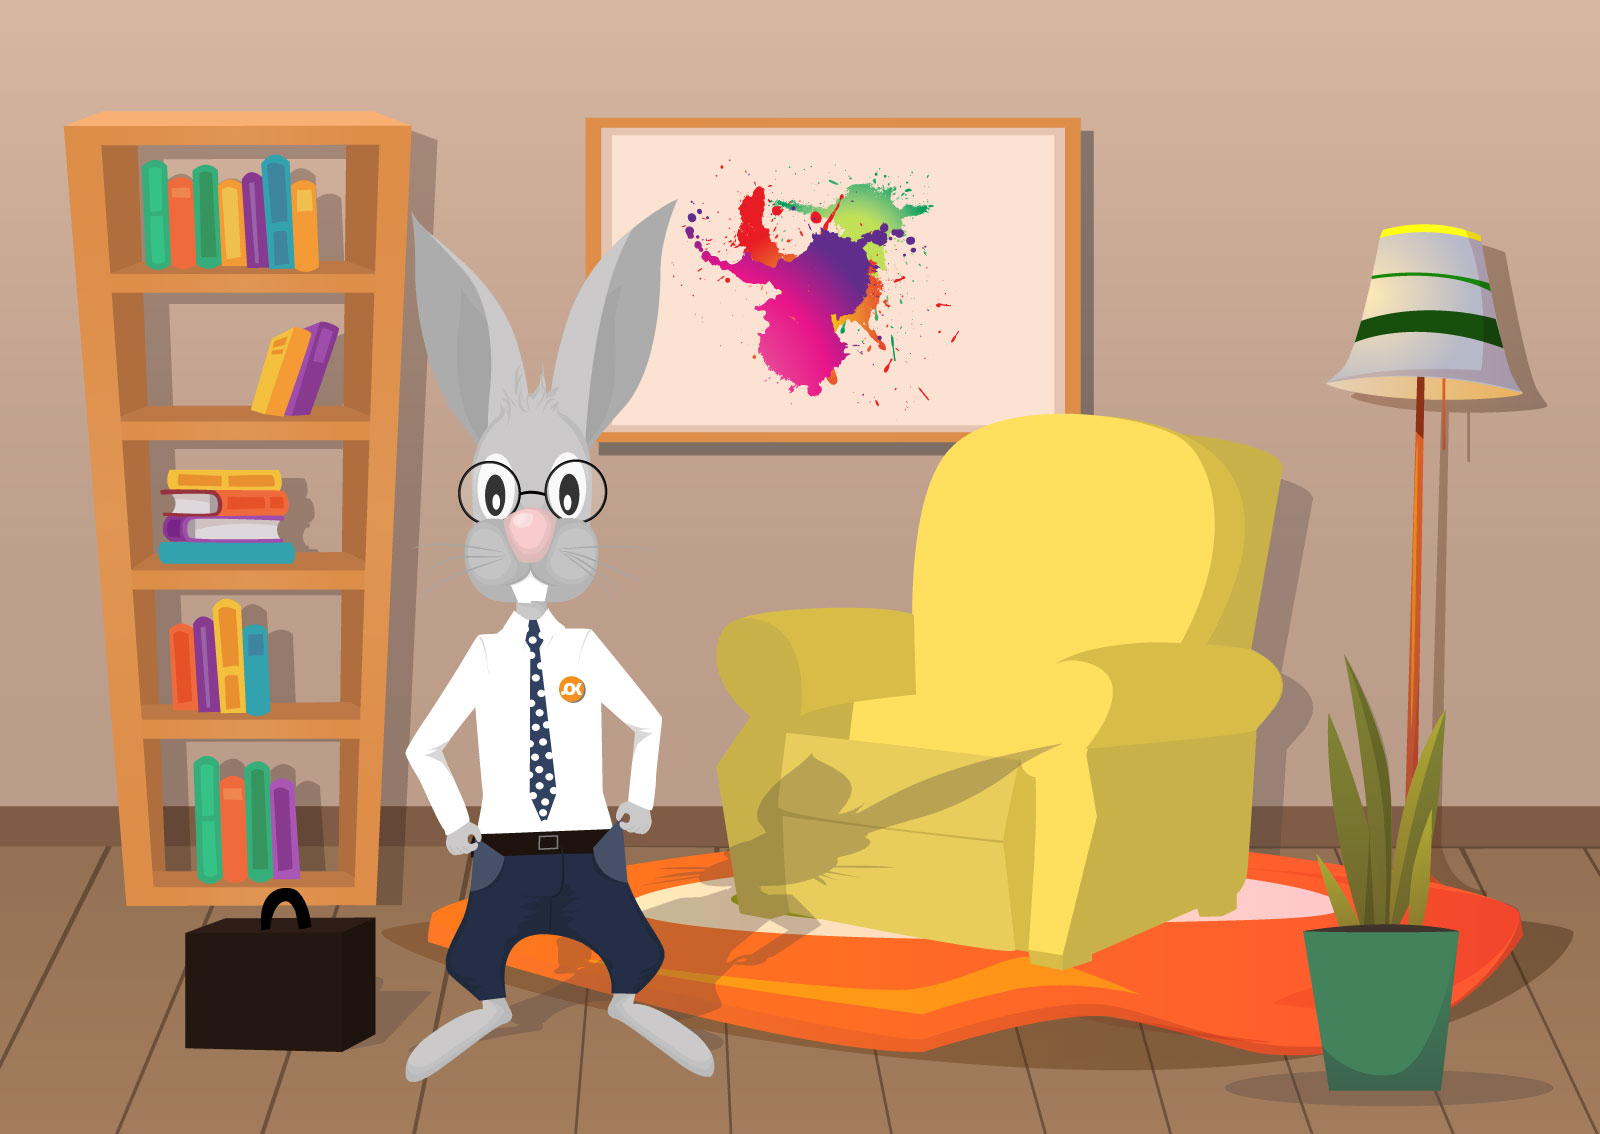 Ilustracija zeca koji pokazuje prazne džepove jer nema novca